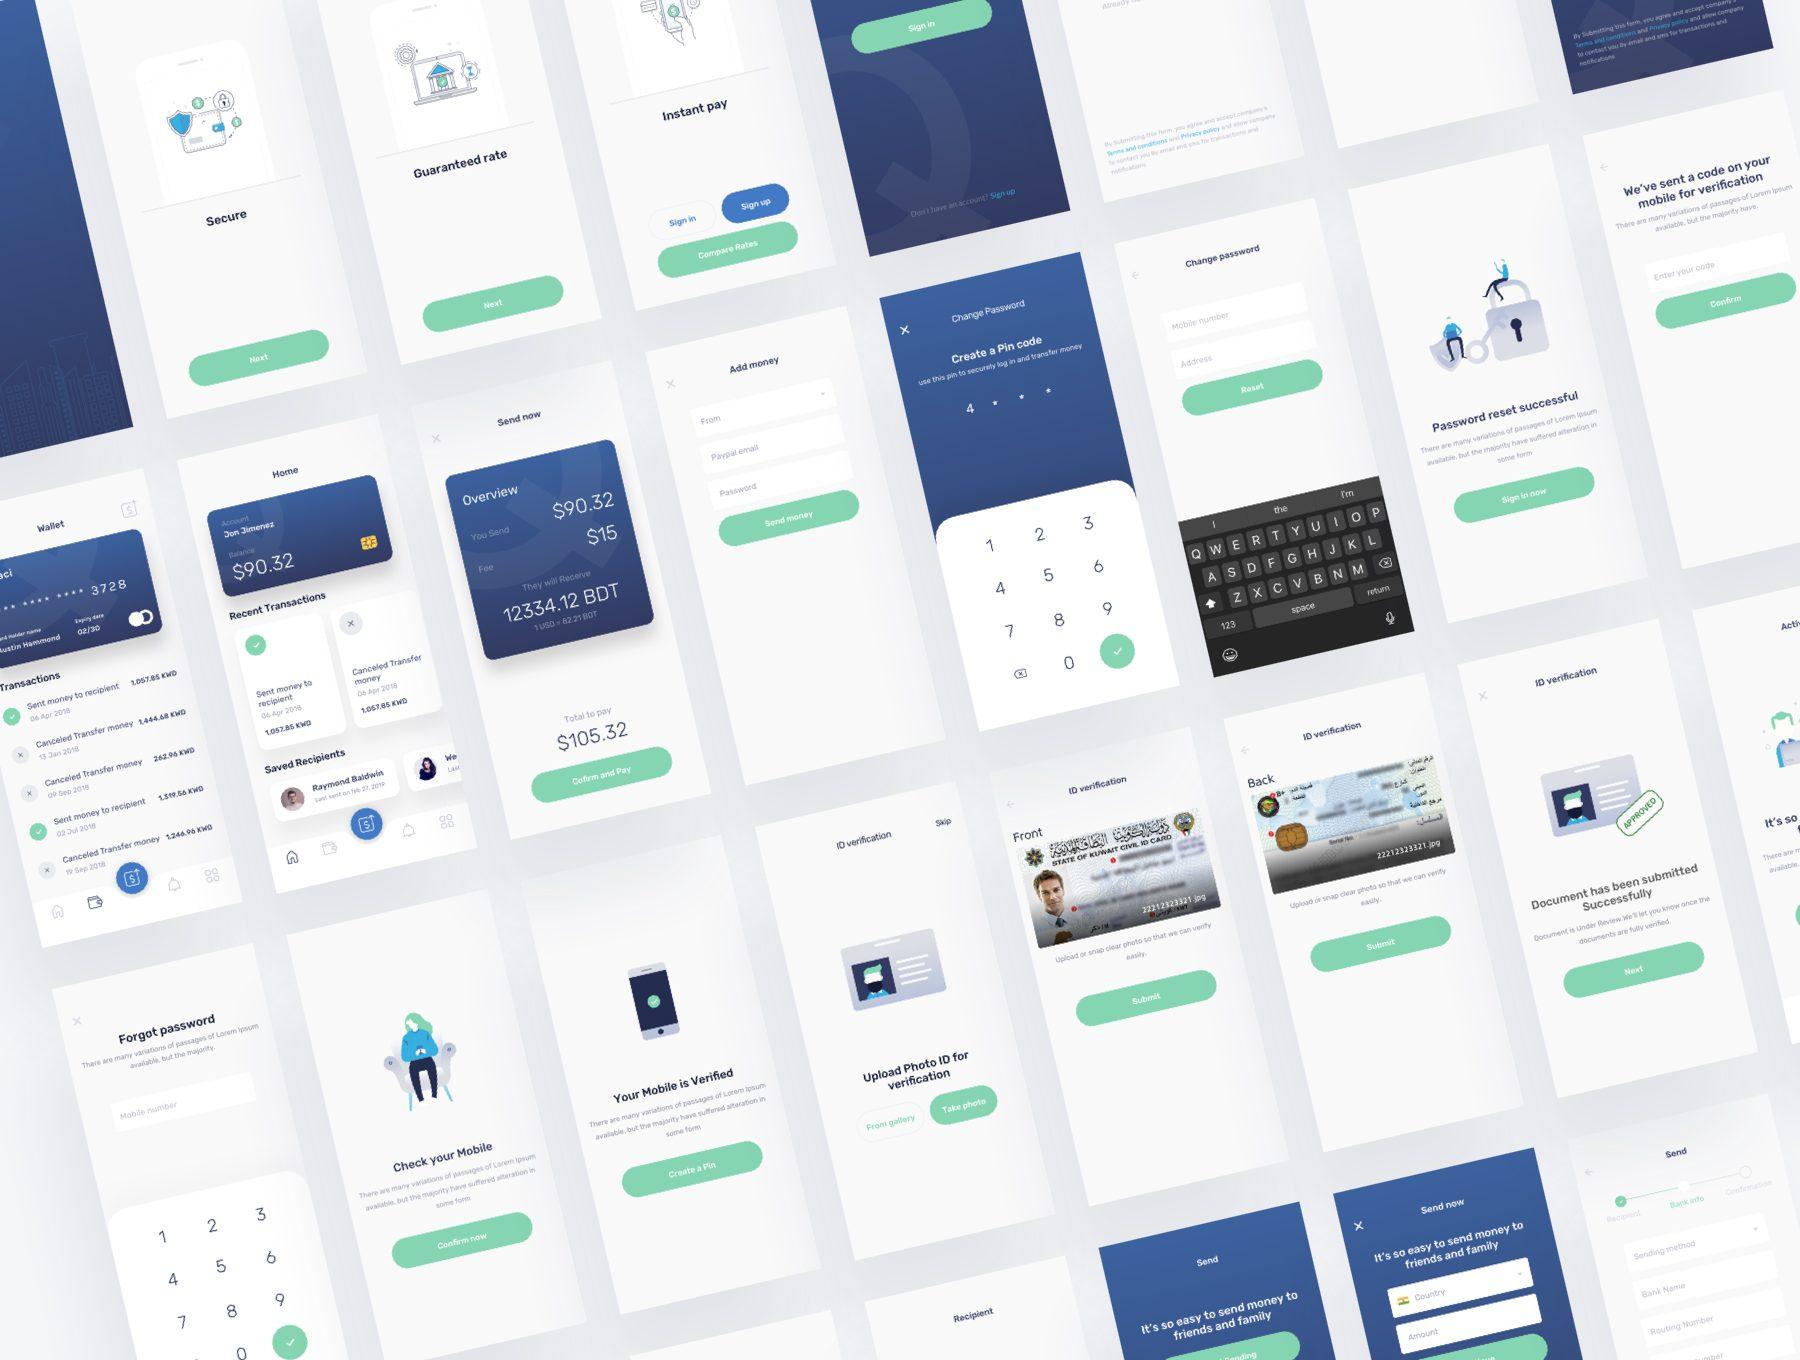 金融网银手机APP UI KIT模板iOS Ui手机ui设计app界面设计模板下载[Sketch] Quikpay Remittance IOS app ui kit